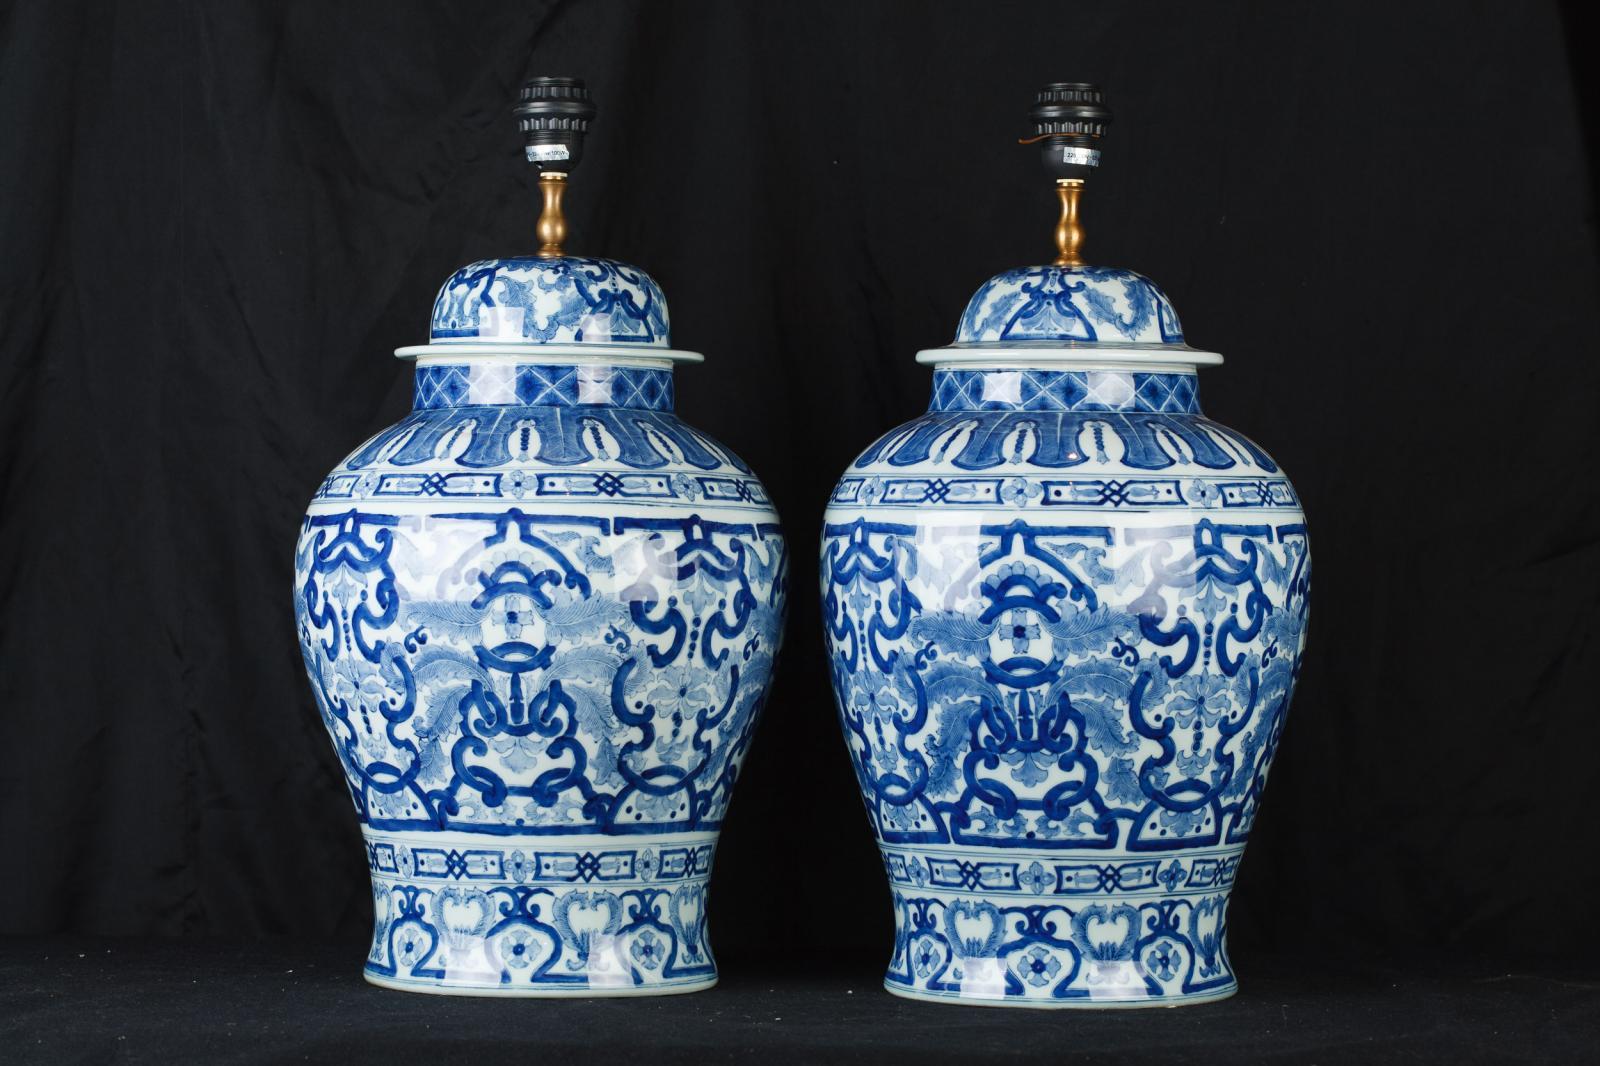 chinese blue and white porcelain urn lamps ginger jar table lights. Black Bedroom Furniture Sets. Home Design Ideas